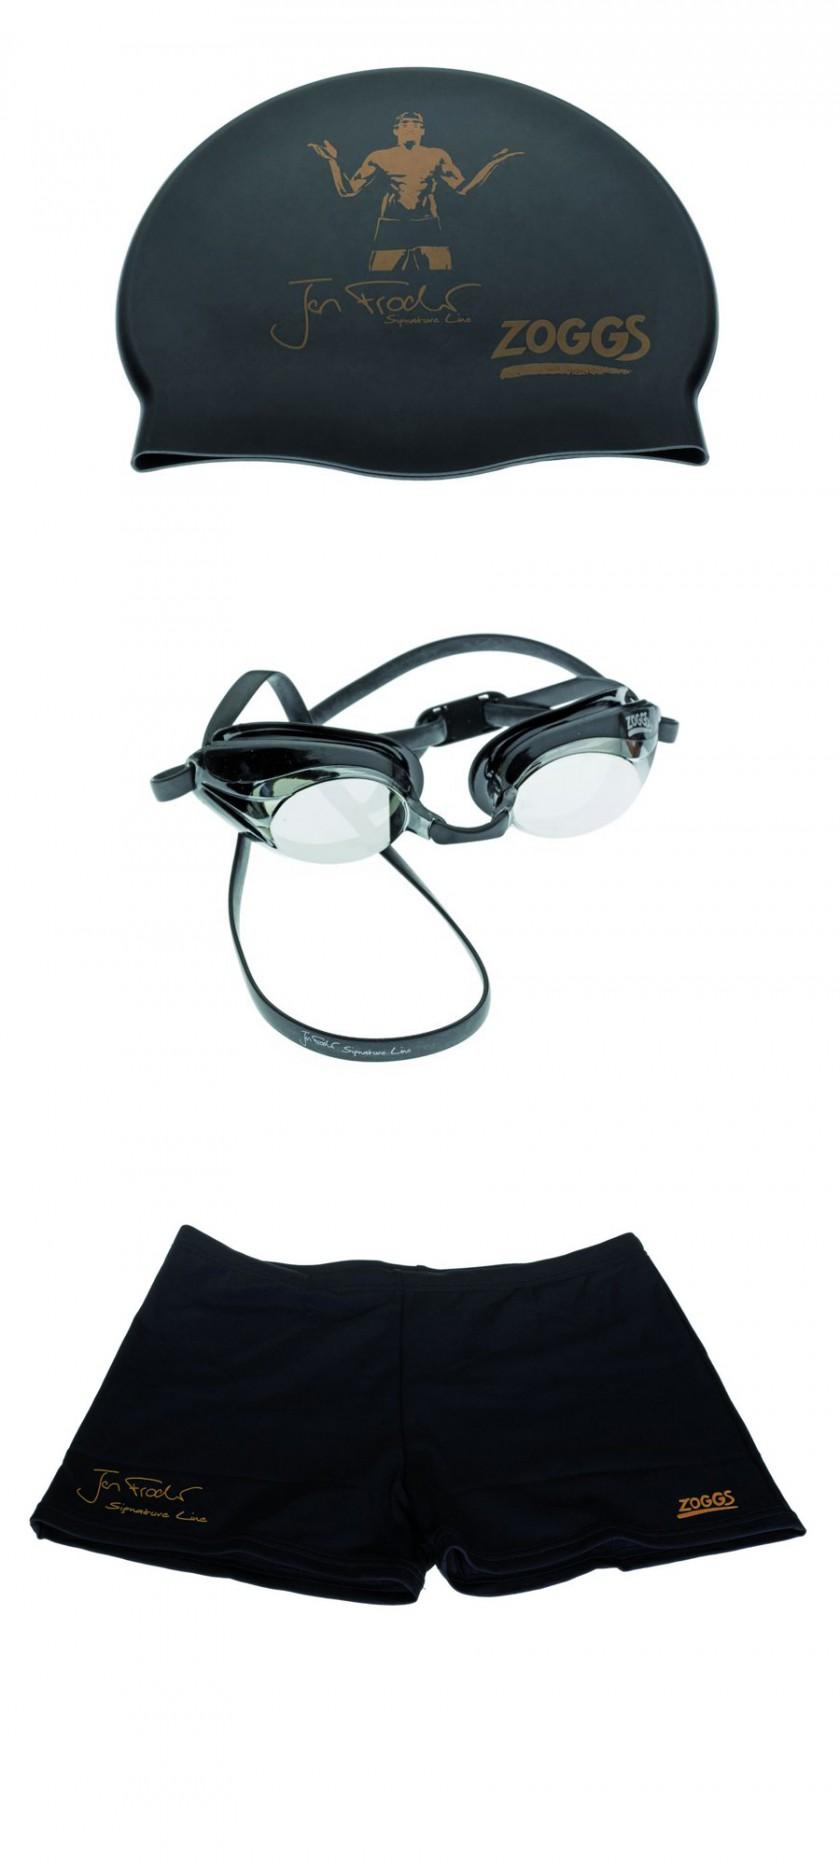 Die Signature Line von Jan Frodeno mit Kappe, Brille und Hose